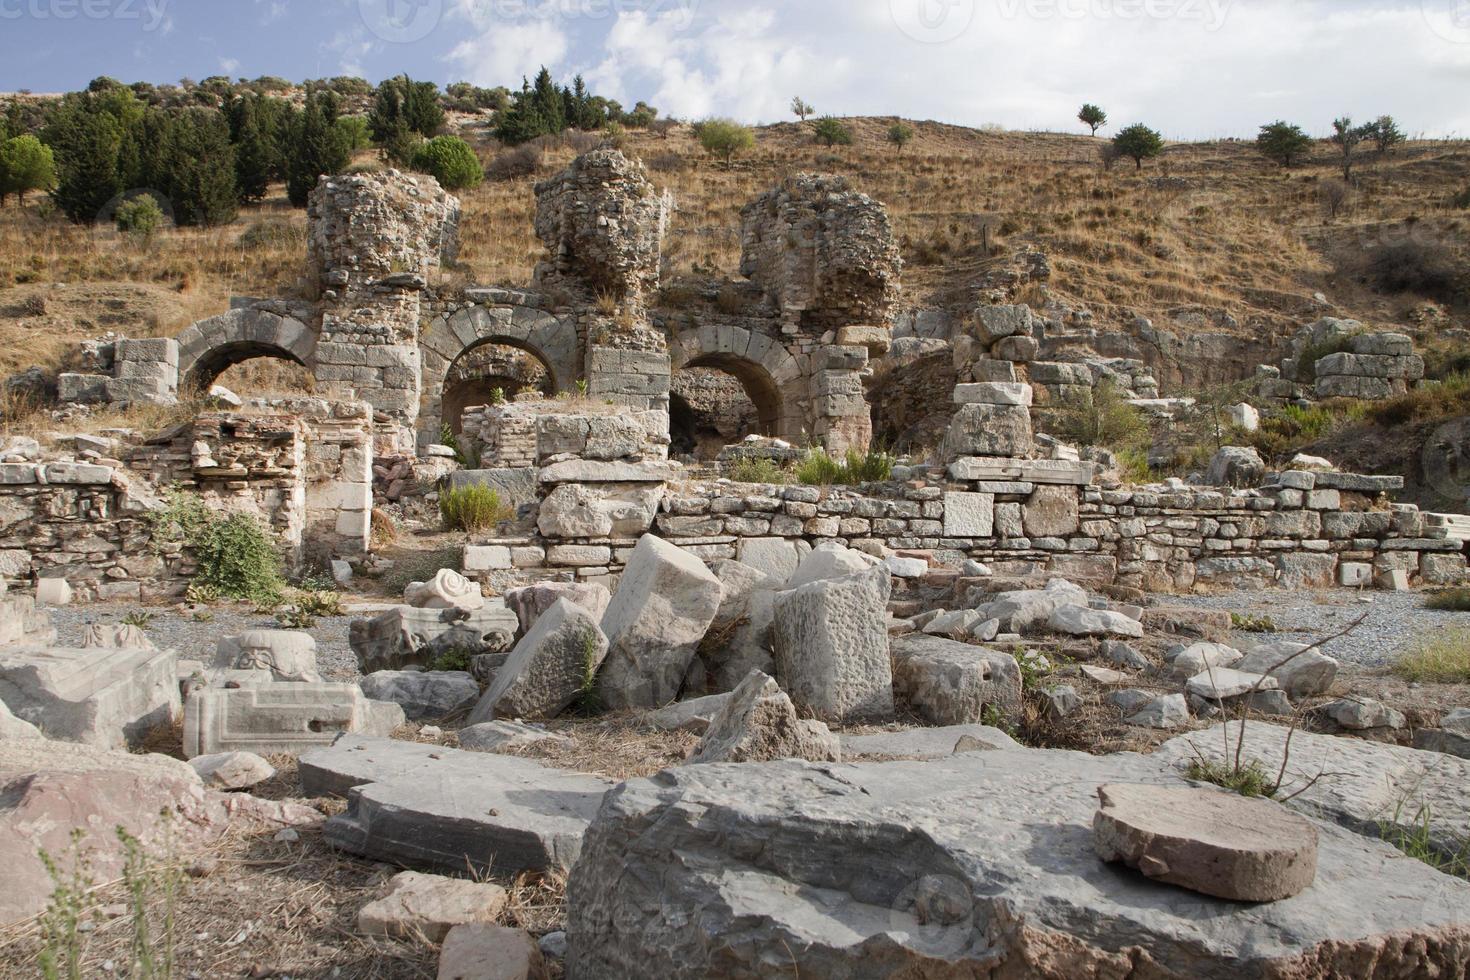 ruiner av offentligt bad, efes, kalkon foto